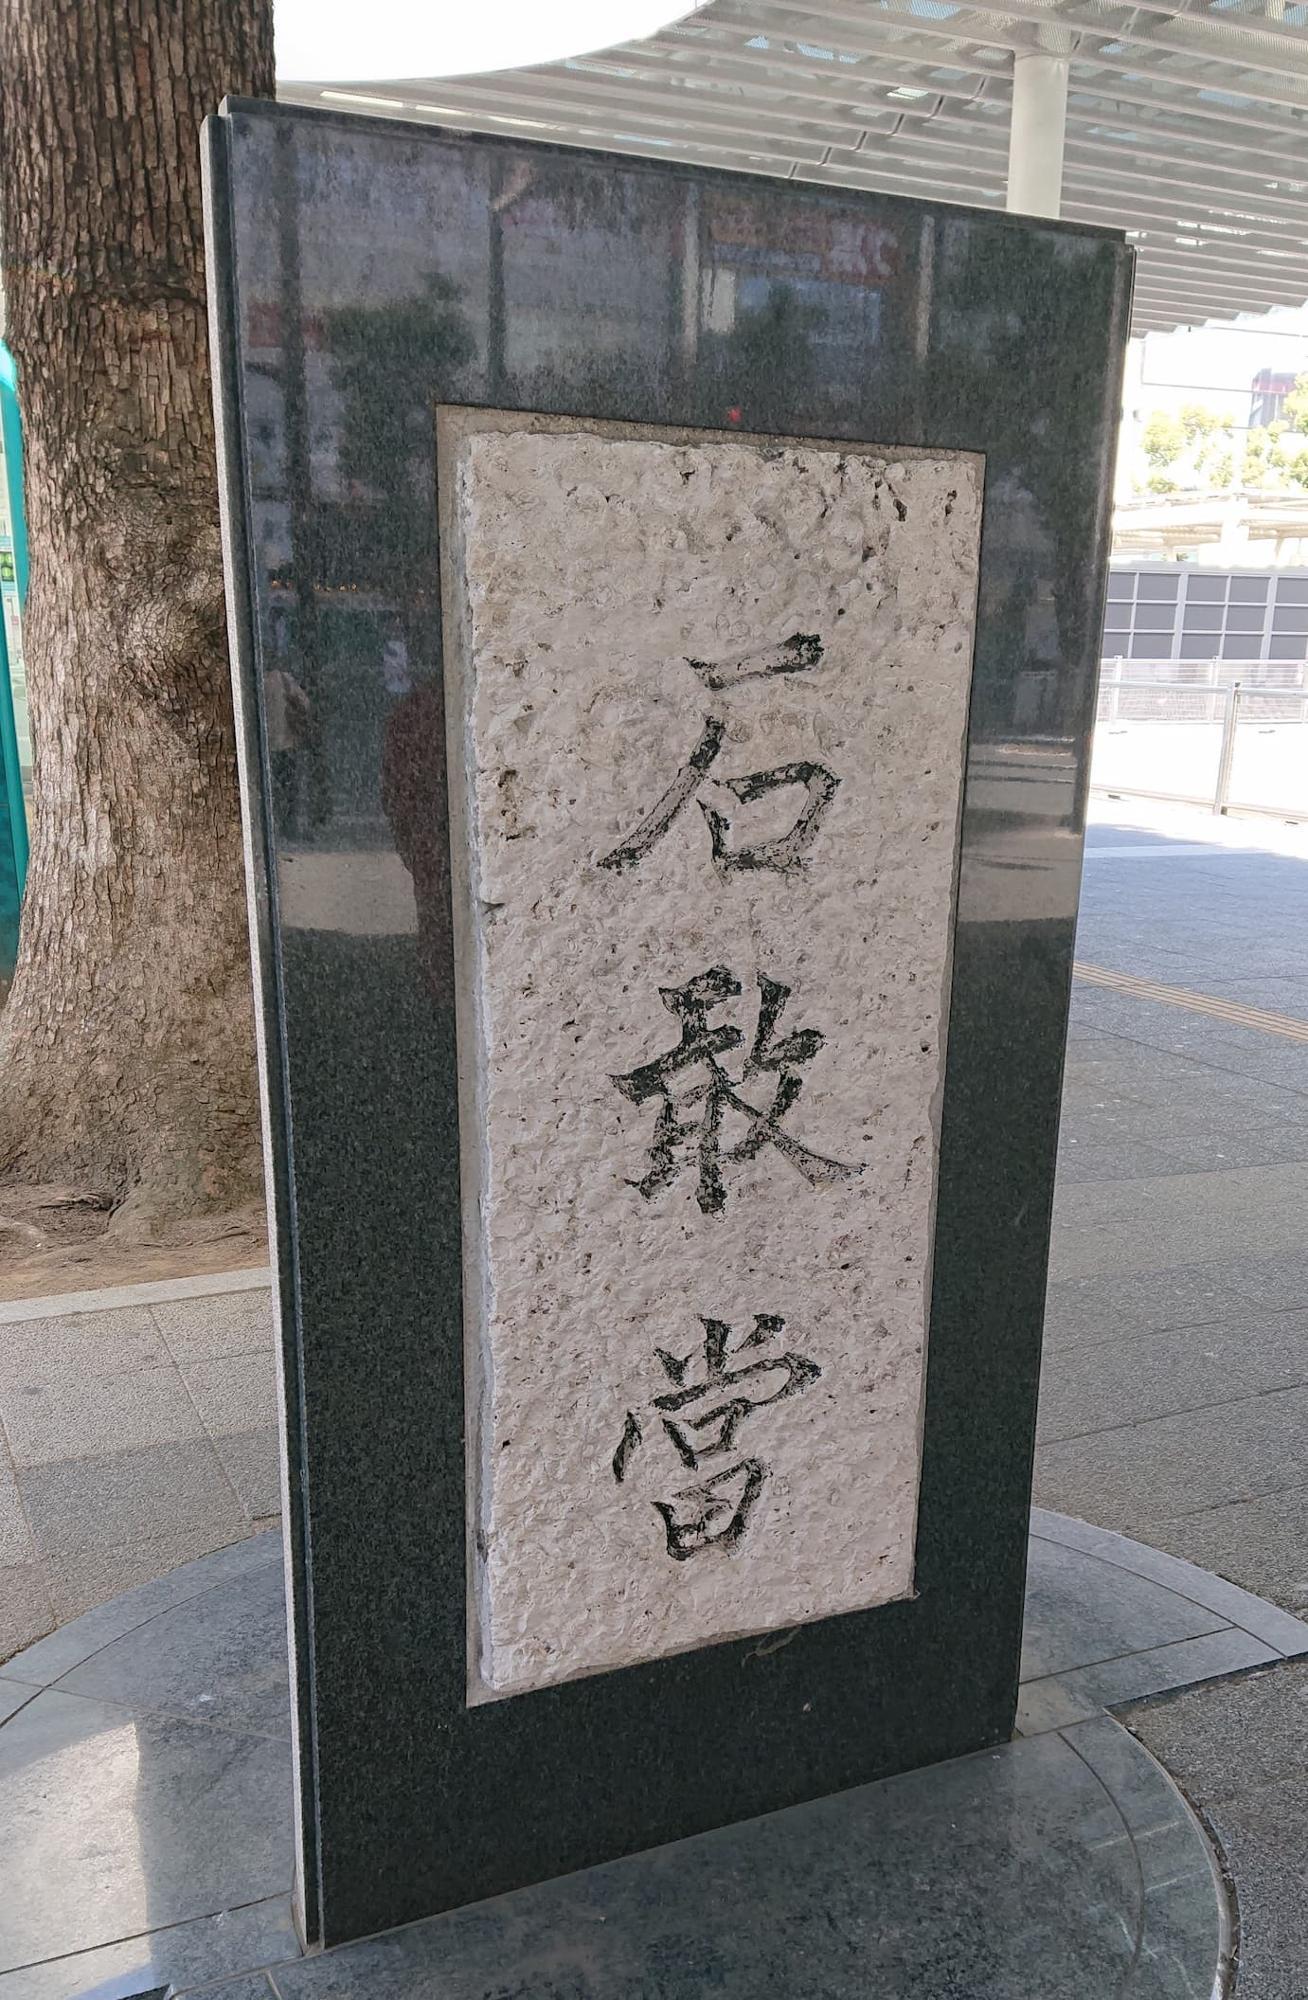 沖縄では魔除けの石碑としてよく見かけられるものだそう